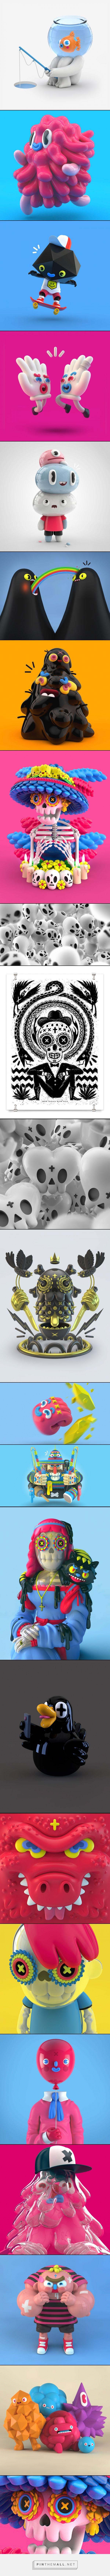 3D Illustrations — 2014 on Behance -https://www.behance.net/gallery/22781243/3D-Illustrations-2014